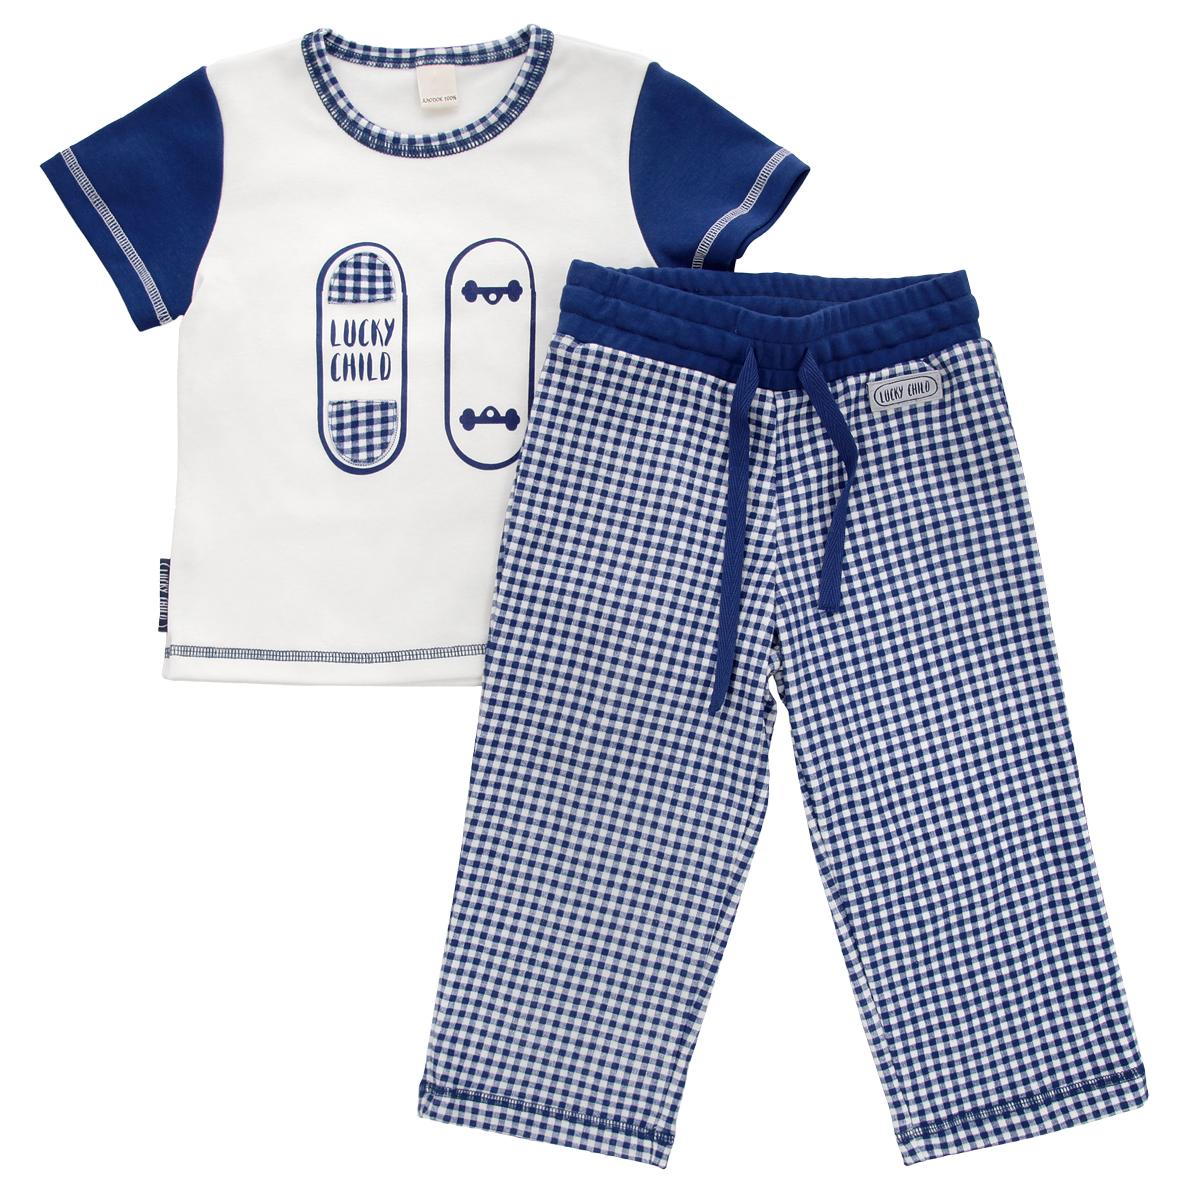 Пижама13-403Очаровательная пижама для мальчика Lucky Child, состоящая из футболки и брюк, идеально подойдет вашему маленькому мужчине и станет отличным дополнением к детскому гардеробу. Изготовленная из натурального хлопка - интерлока, она необычайно мягкая и приятная на ощупь, не раздражает нежную кожу ребенка и хорошо вентилируется, а эластичные швы приятны телу и не препятствуют его движениям. Футболка с короткими рукавами и круглым вырезом горловины оформлена спереди оригинальной аппликацией и принтом с изображением скейтборда. Горловина оформлена принтом в клетку. Низ рукавов и низ изделия оформлены контрастной фигурной прострочкой. Брюки на талии имеют широкий эластичный пояс со шнурком, благодаря чему они не сдавливают животик ребенка и не сползают. Оформлены брюки принтом в клетку и небольшой нашивкой с названием бренда. Такая пижама идеально подойдет вашему ребенку, а мягкие полотна позволят ему комфортно чувствовать себя во время сна!